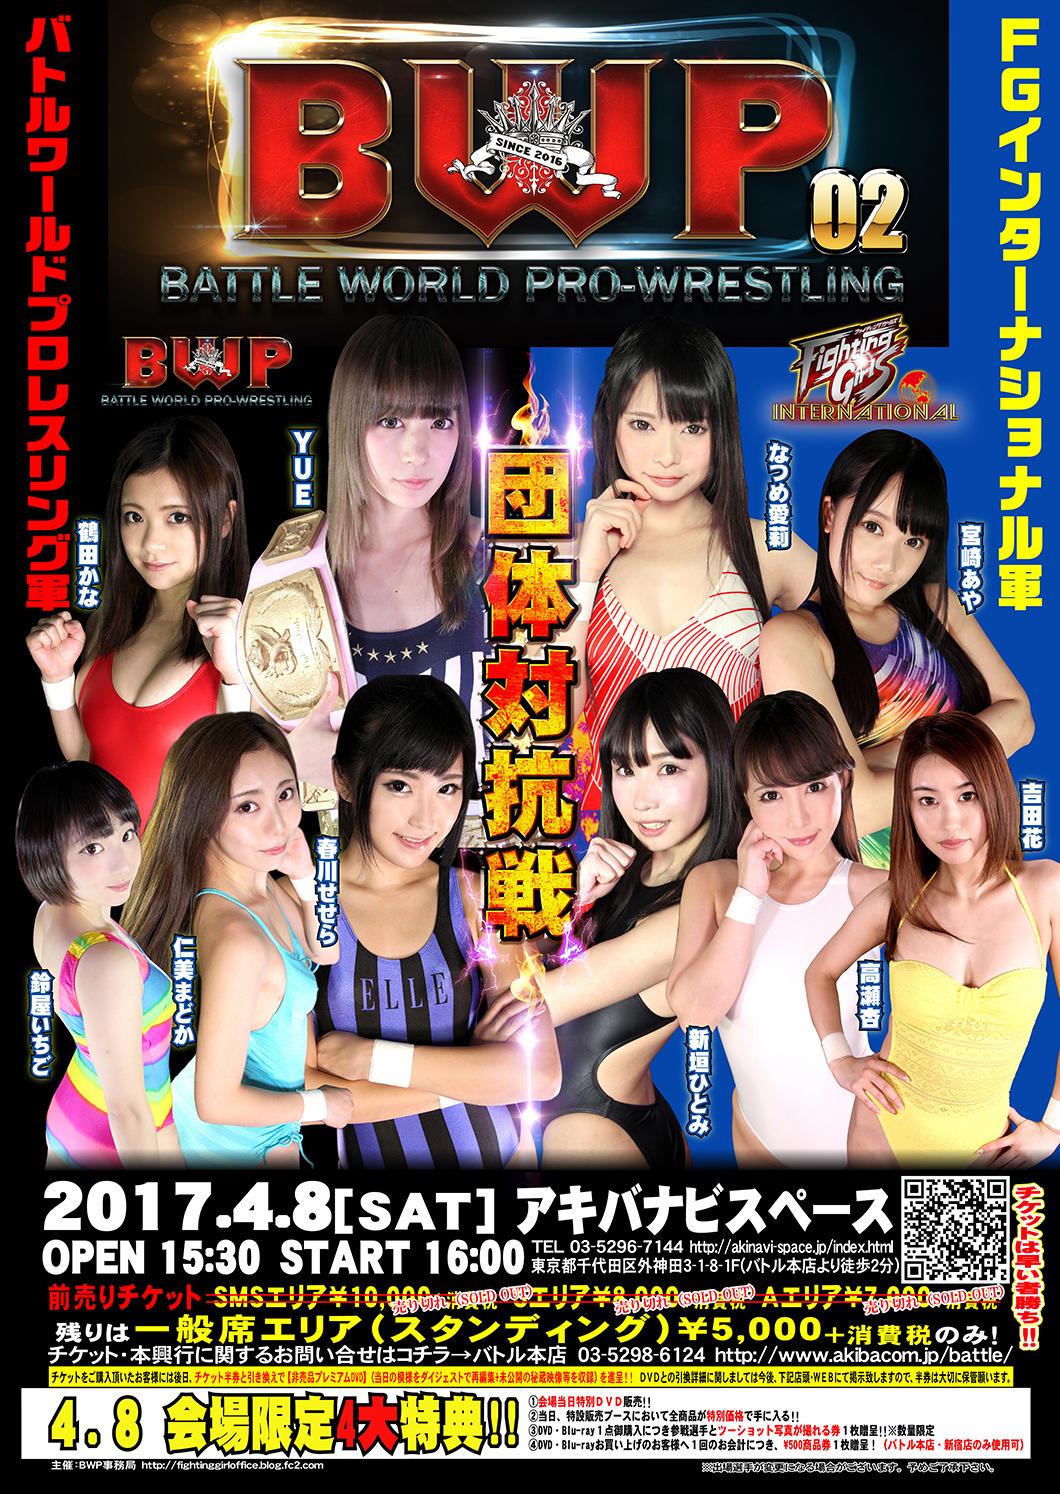 BWP02ポスター_web